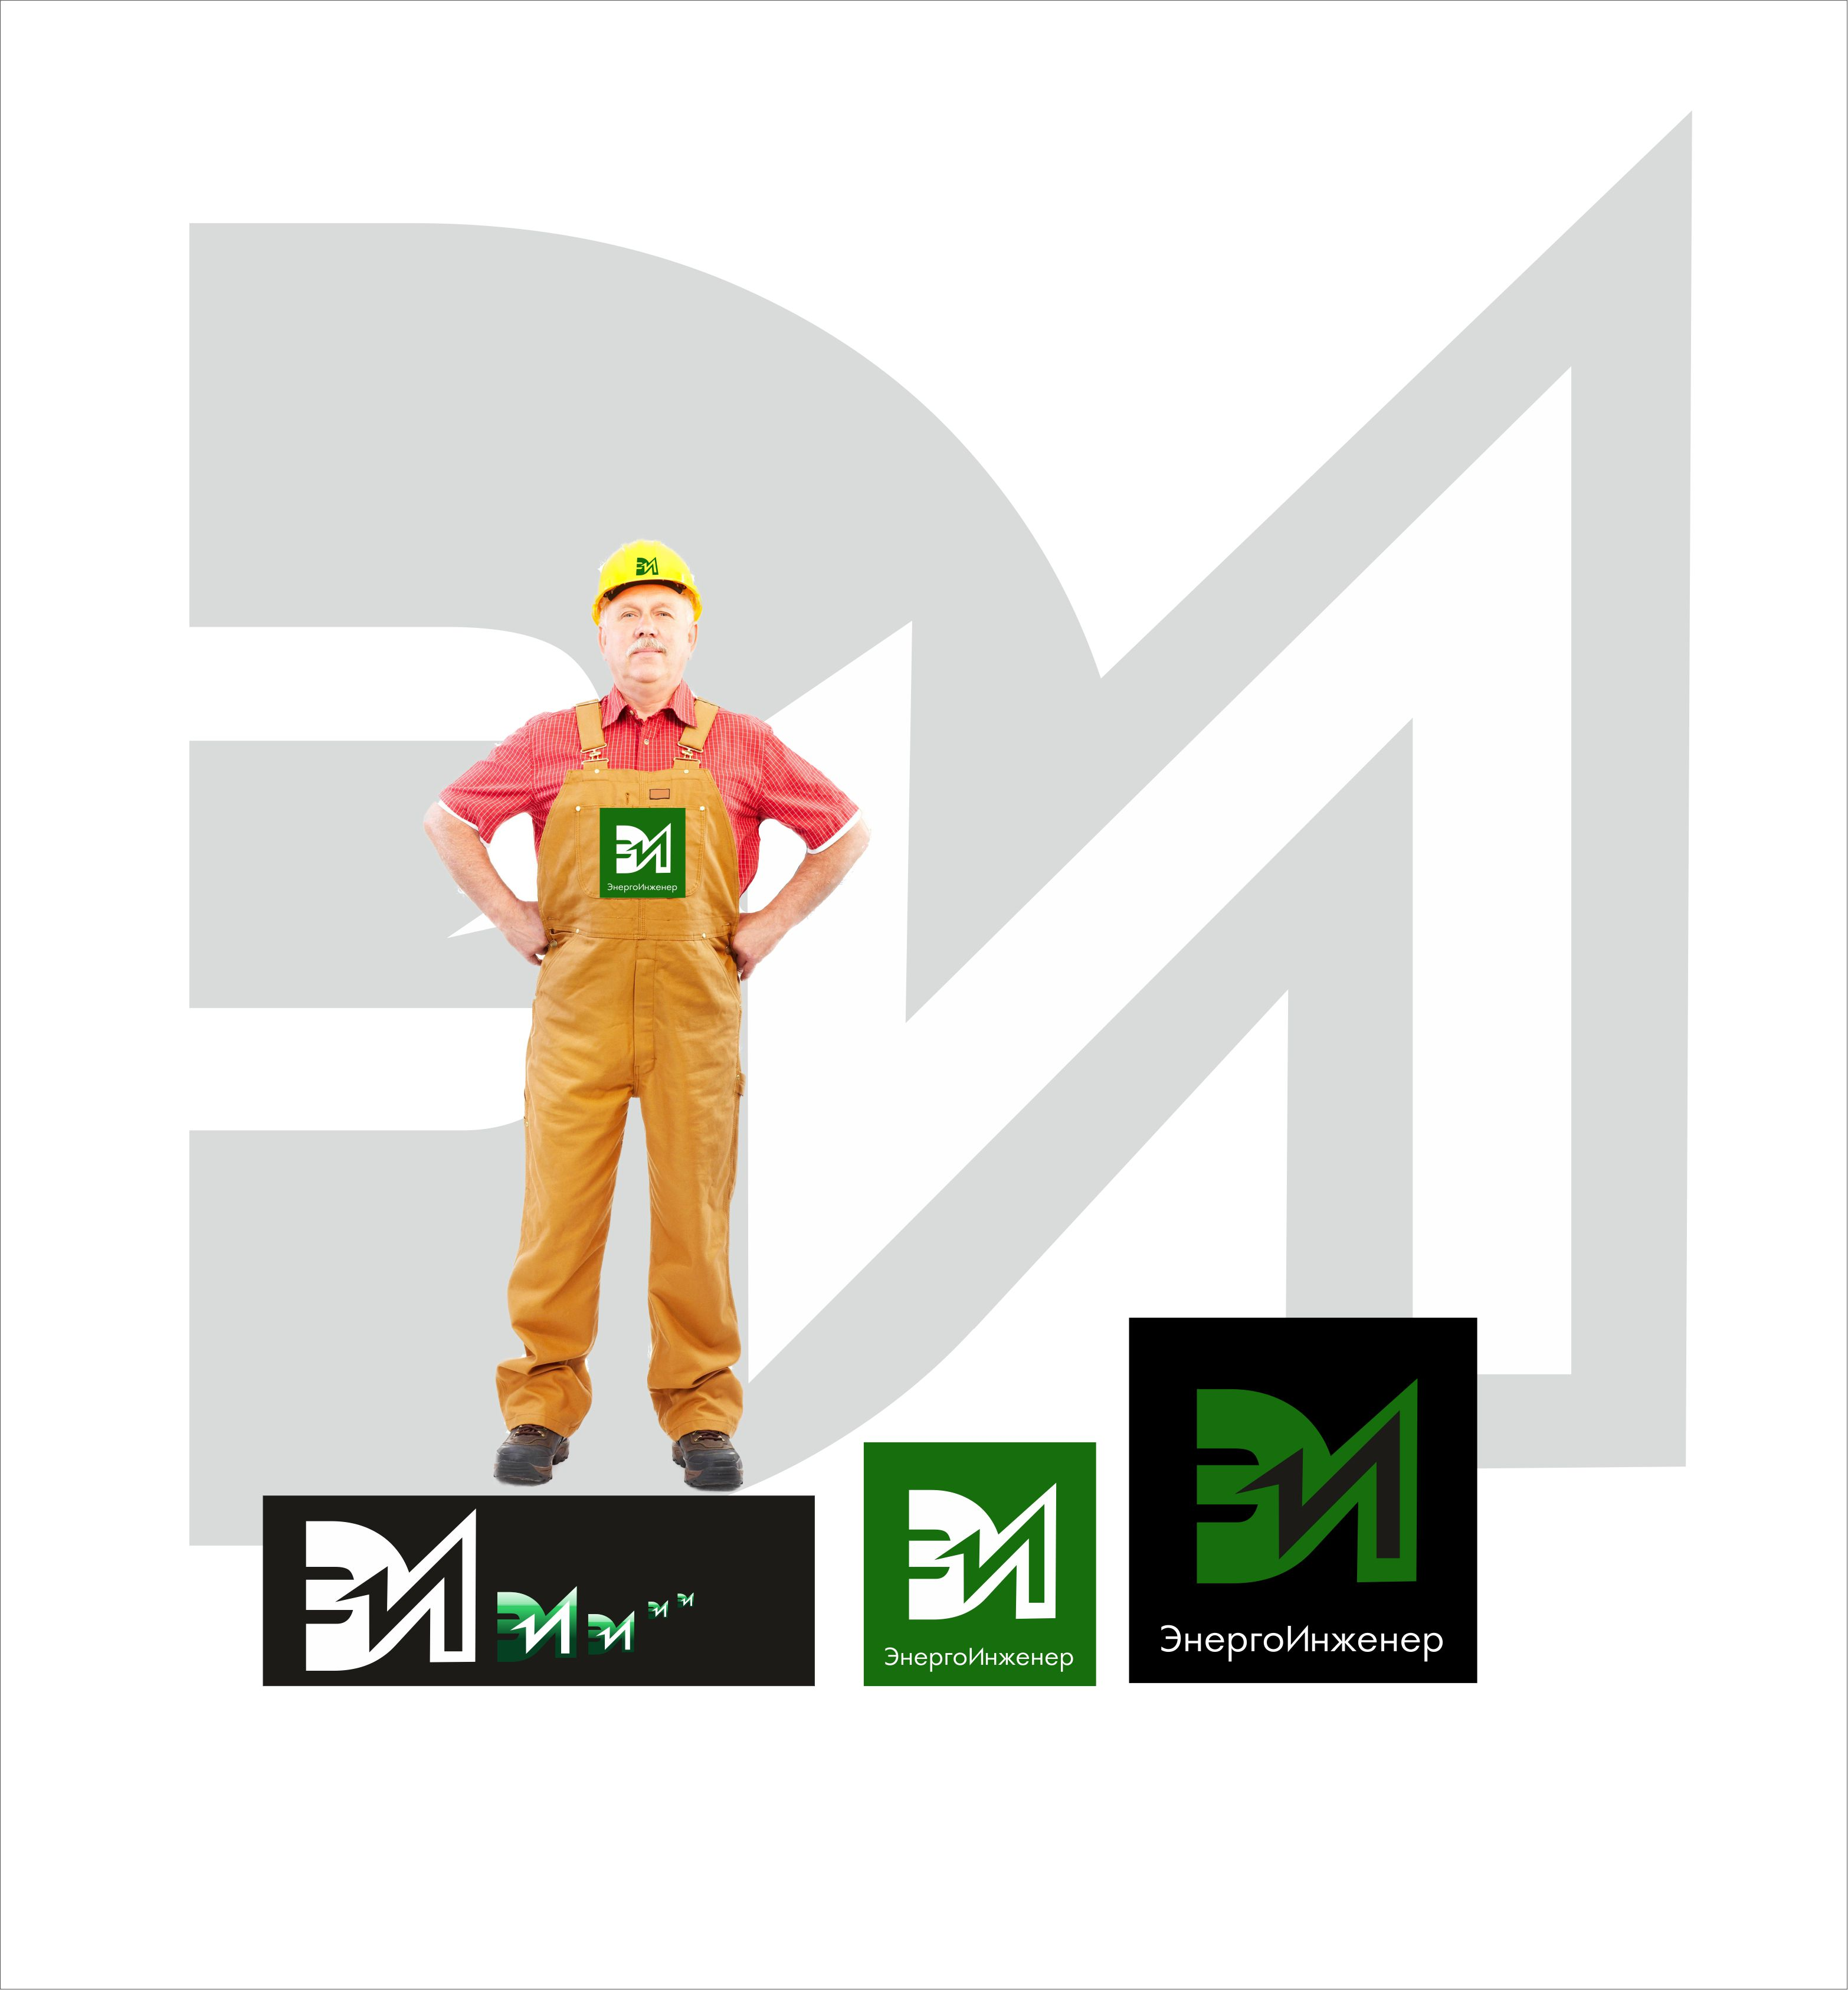 Логотип для инженерной компании фото f_27351ceca851915d.jpg